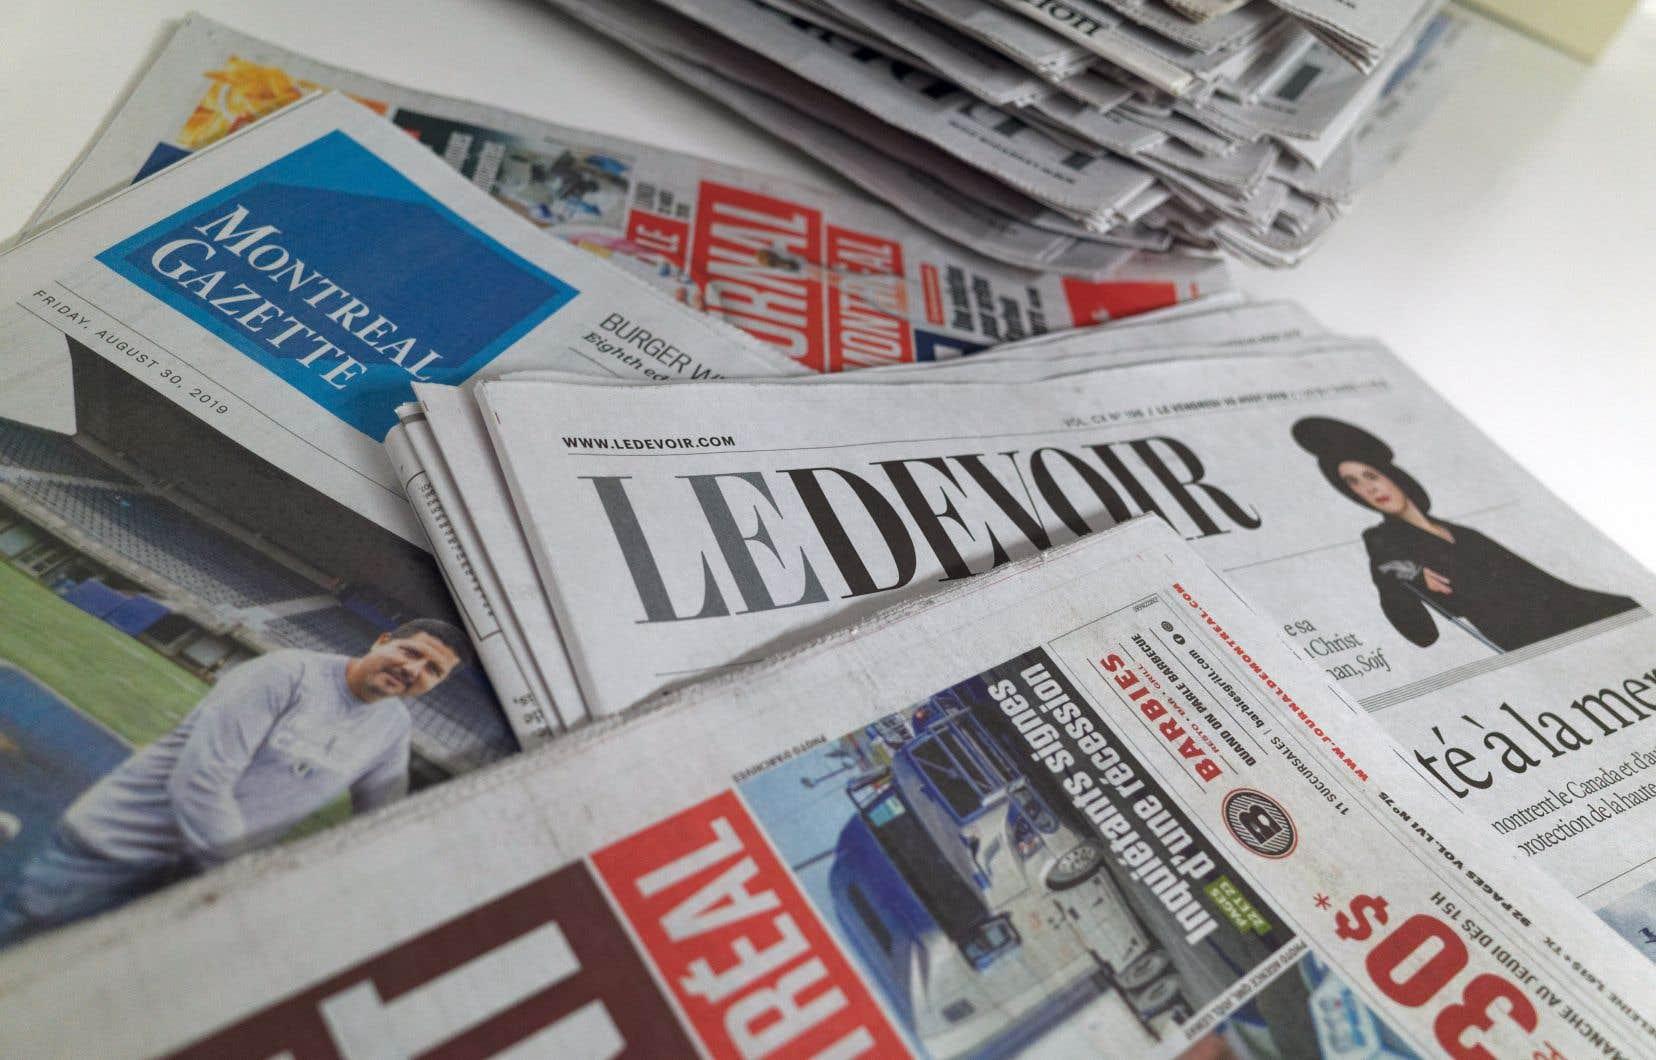 La commission avait pour mandat de proposer des mesures pour assurer la survie des médias, aux prises avec une crise financière sans précédent.